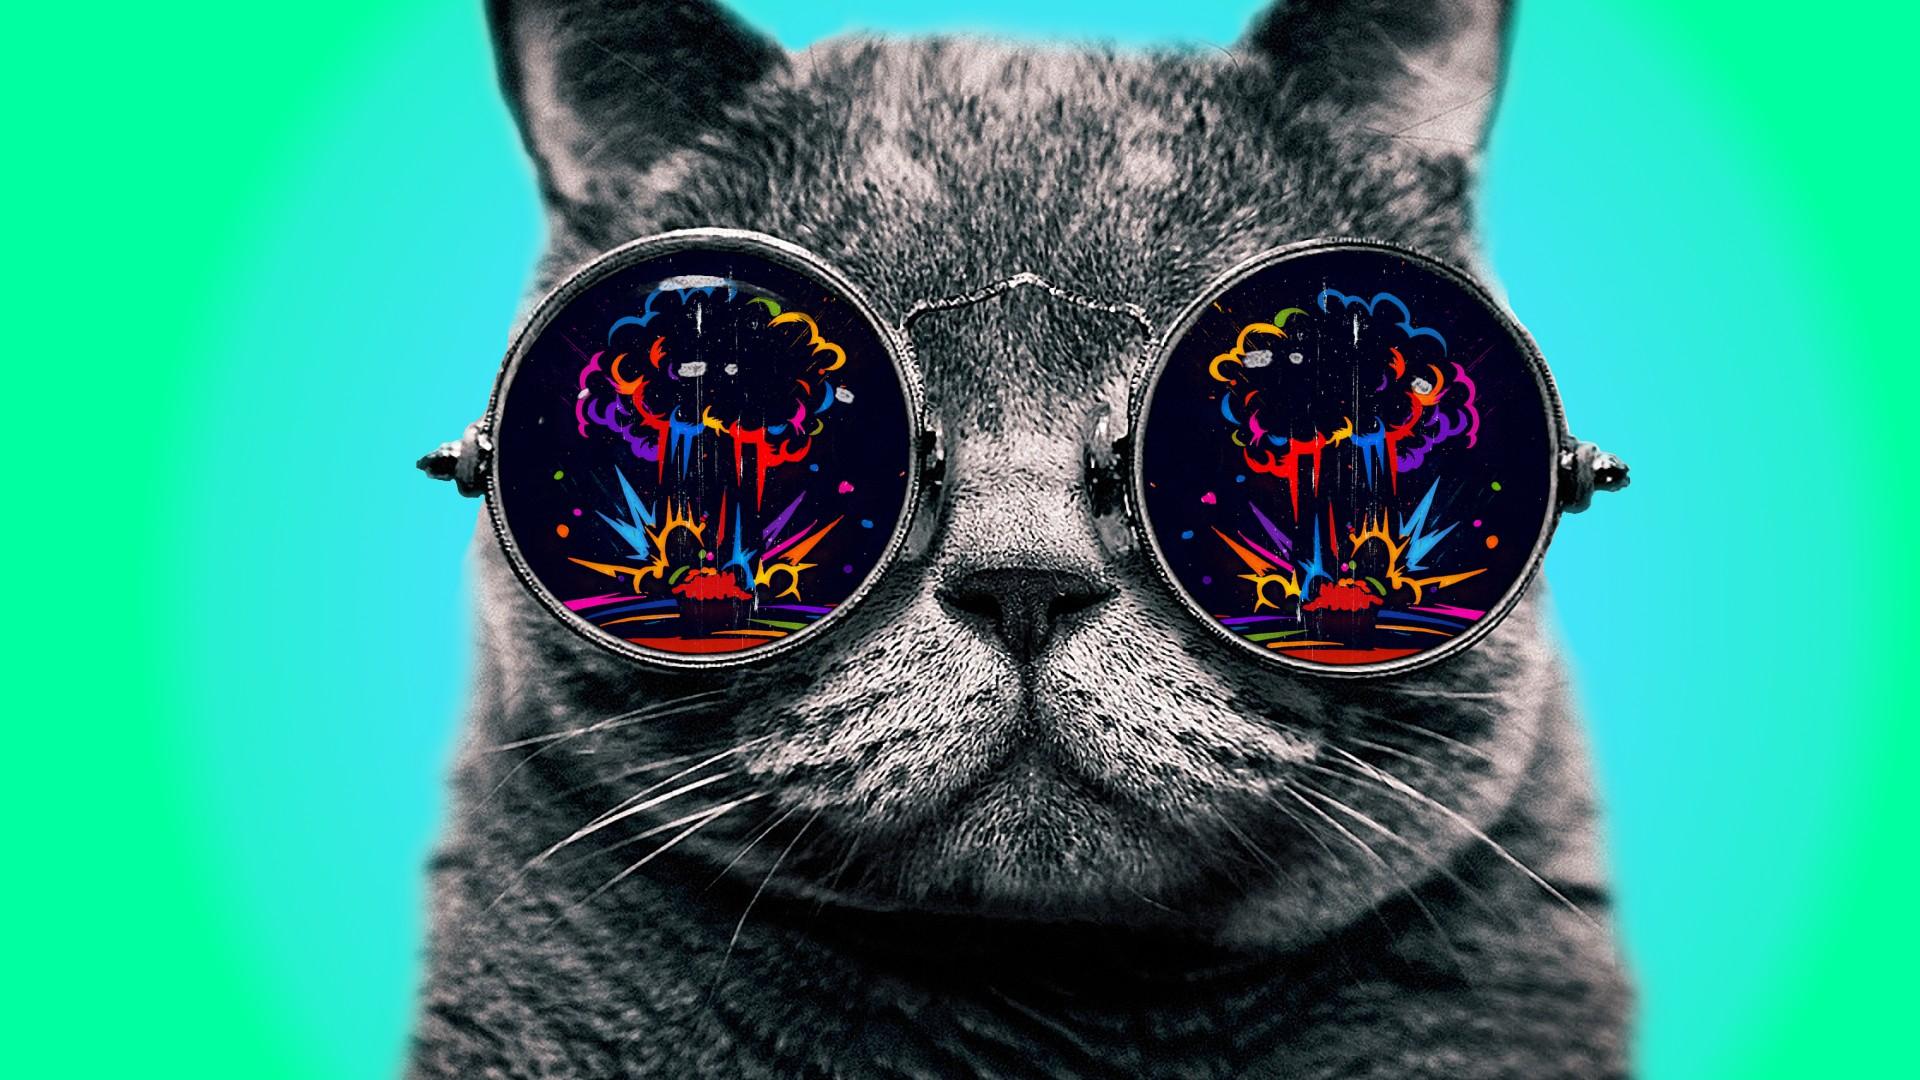 trippy cat wallpaper hd - photo #7